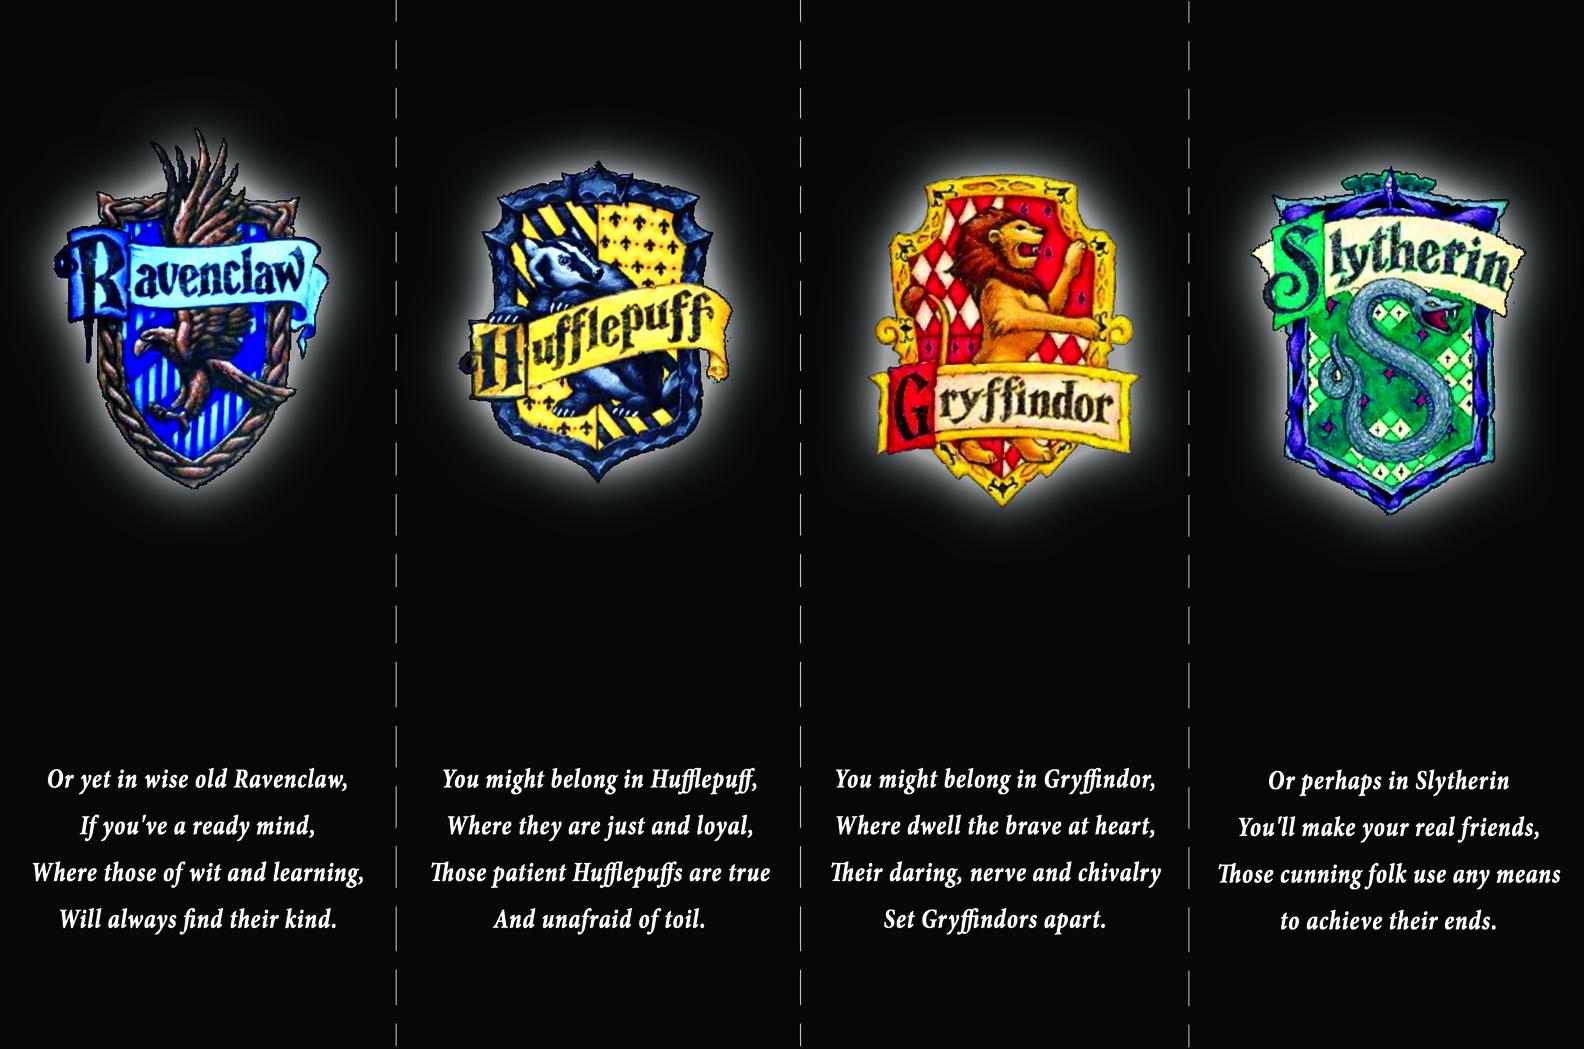 O novo nov ssimo box especial de anivers rio do harry potter - Test de harry potter casas ...